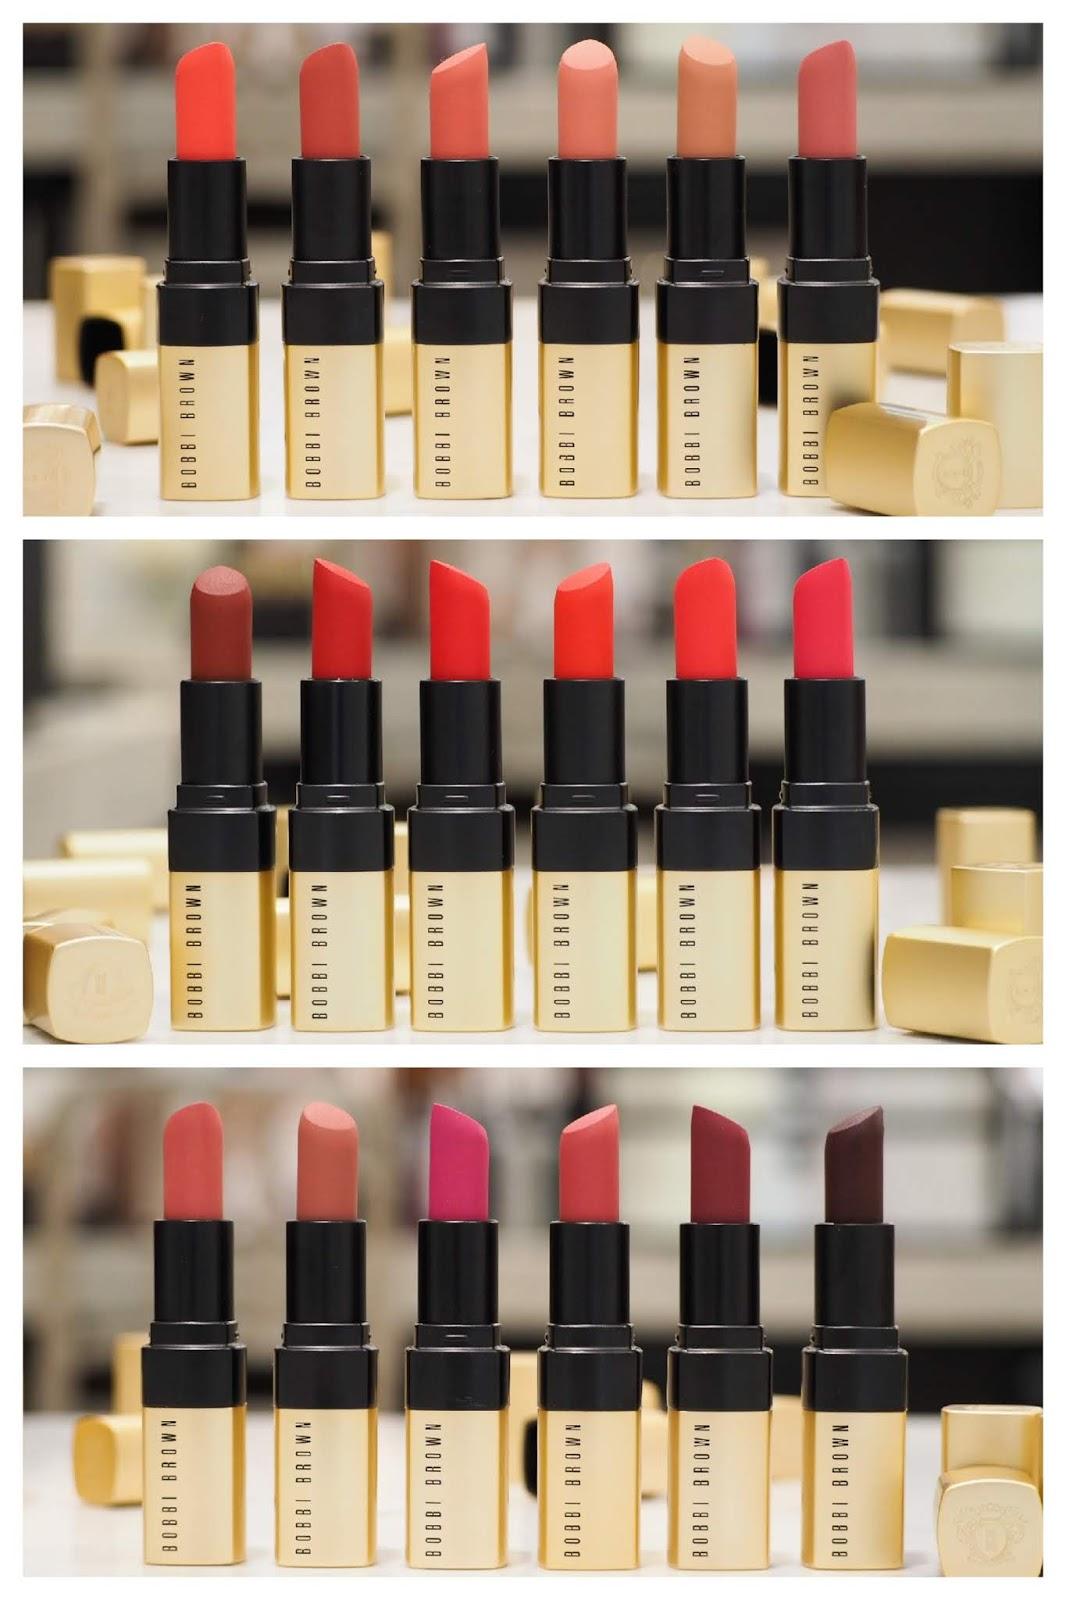 Bobbi Brown Luxe Matte Lip Colour Lipsticks + ALL SWATCHES